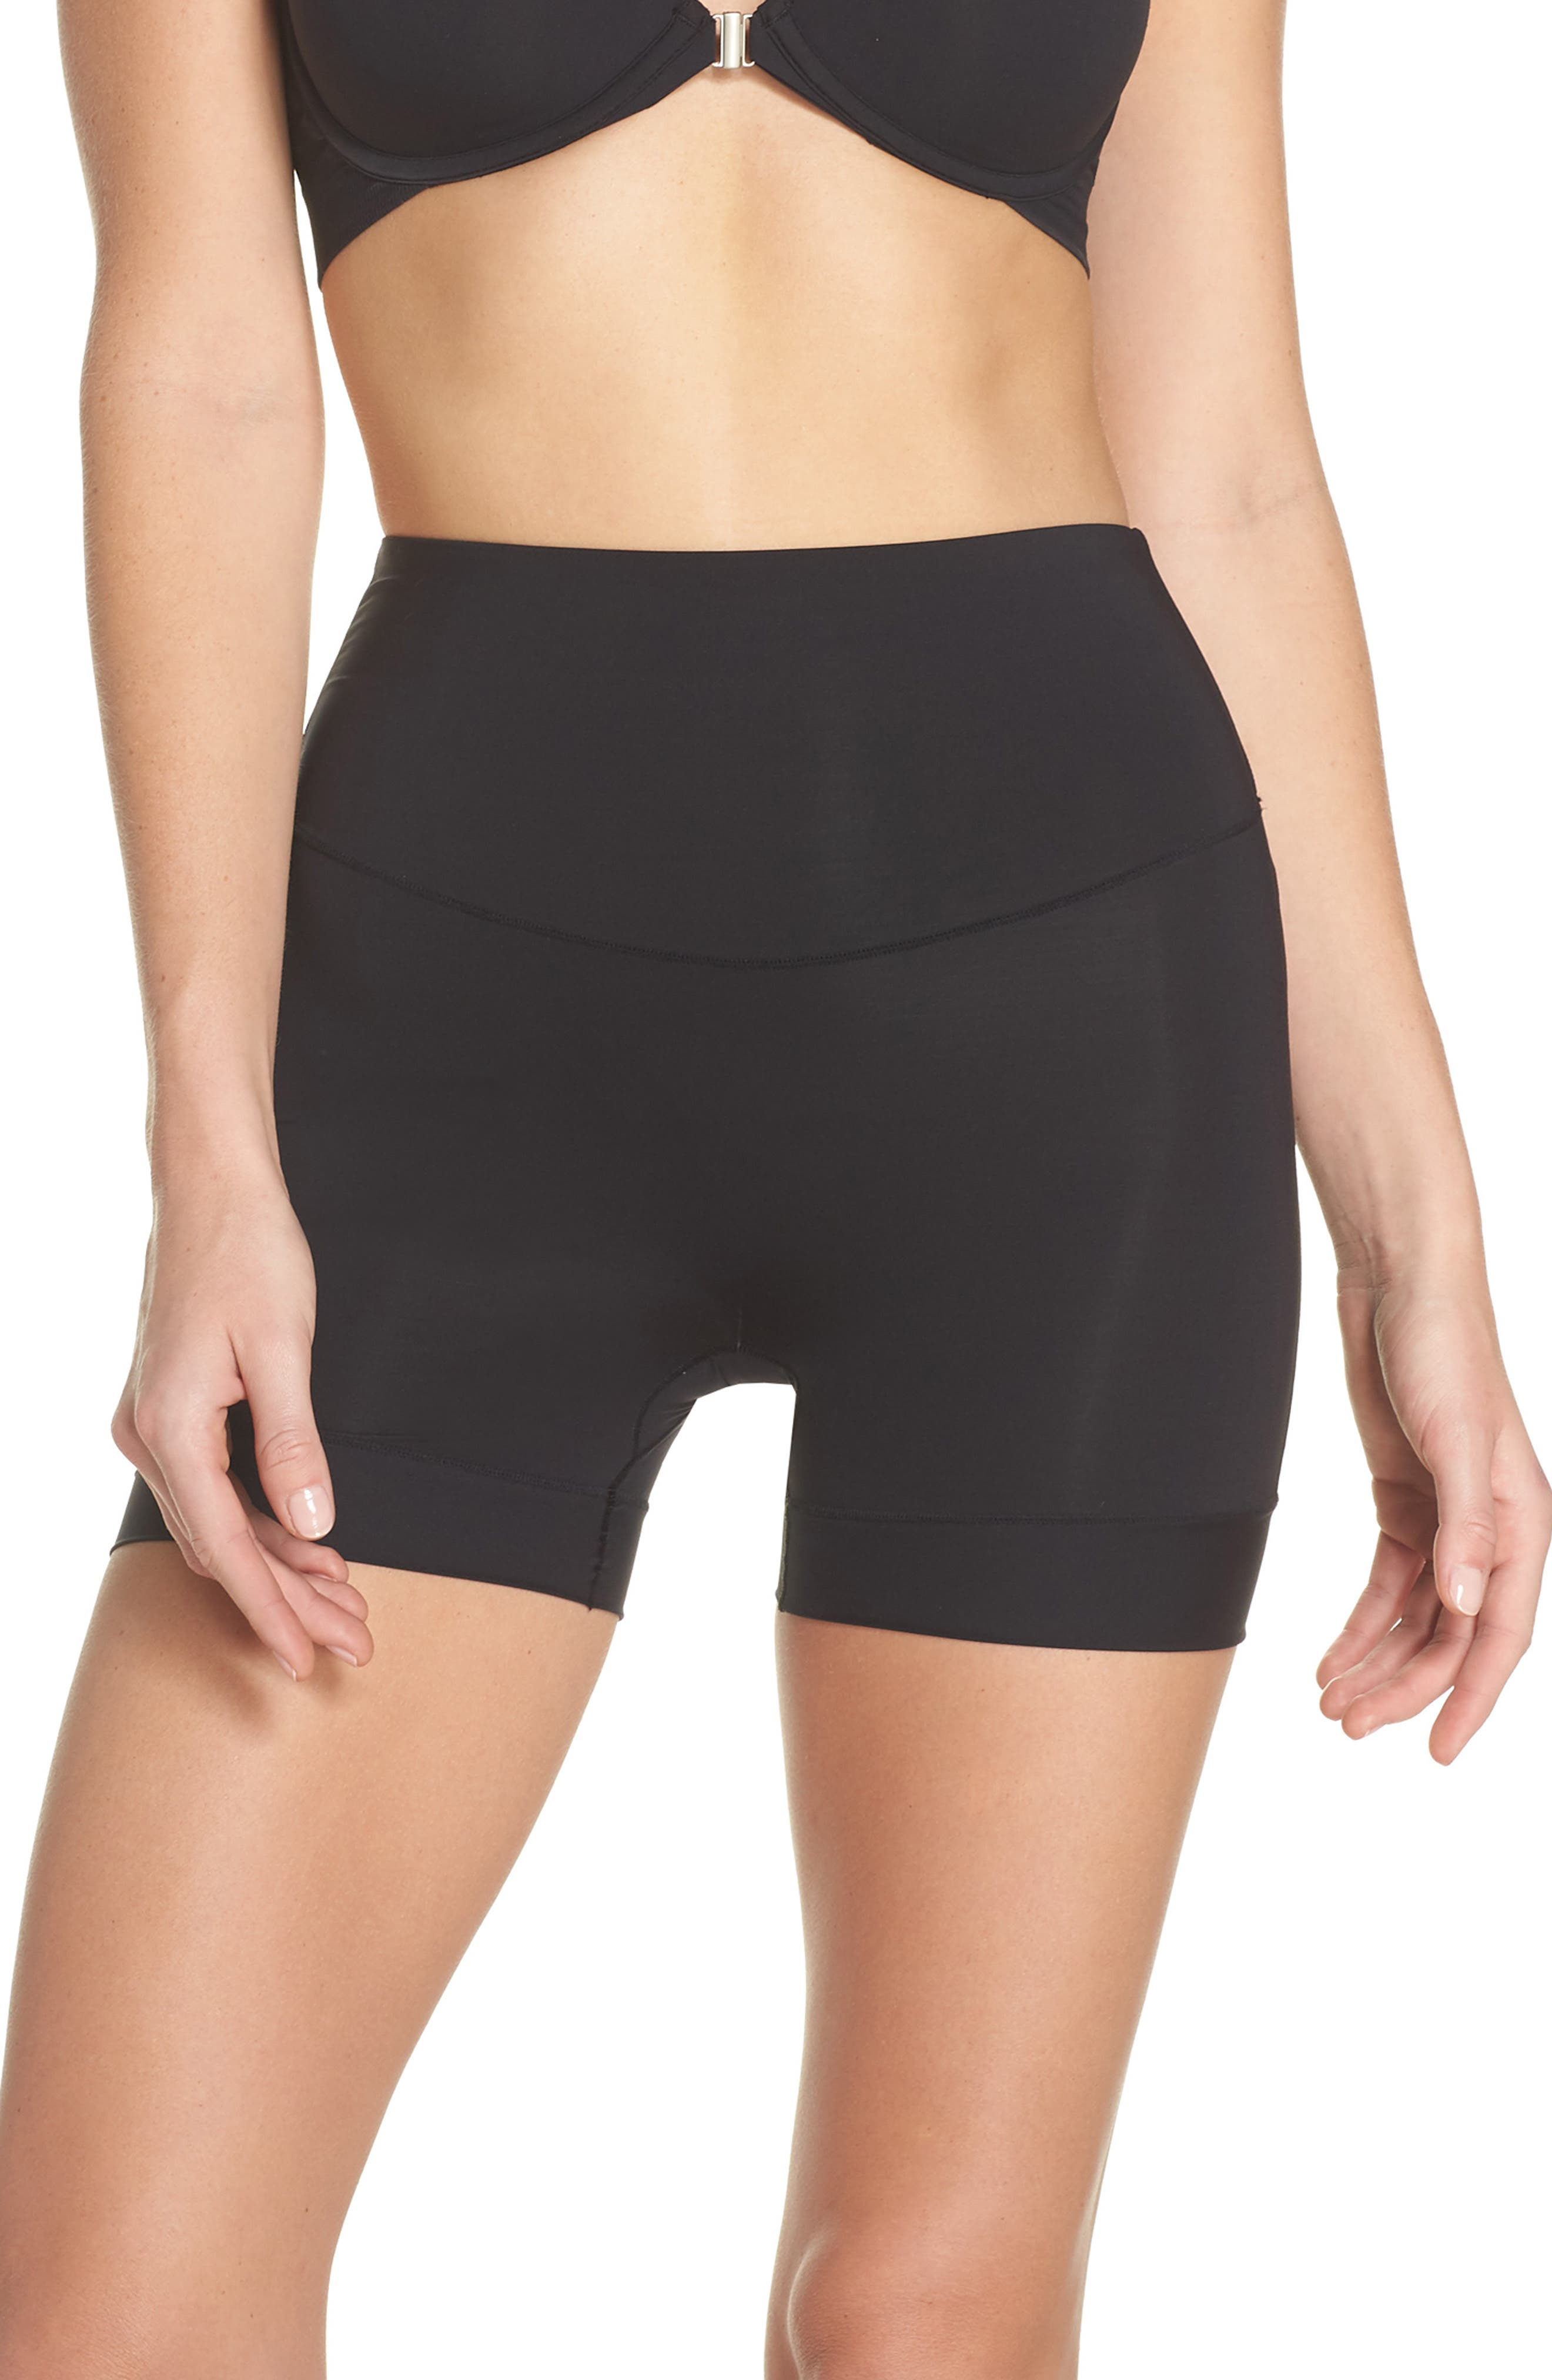 Tummie Tamers Mid Waist Shaping Shorts,                             Main thumbnail 1, color,                             001